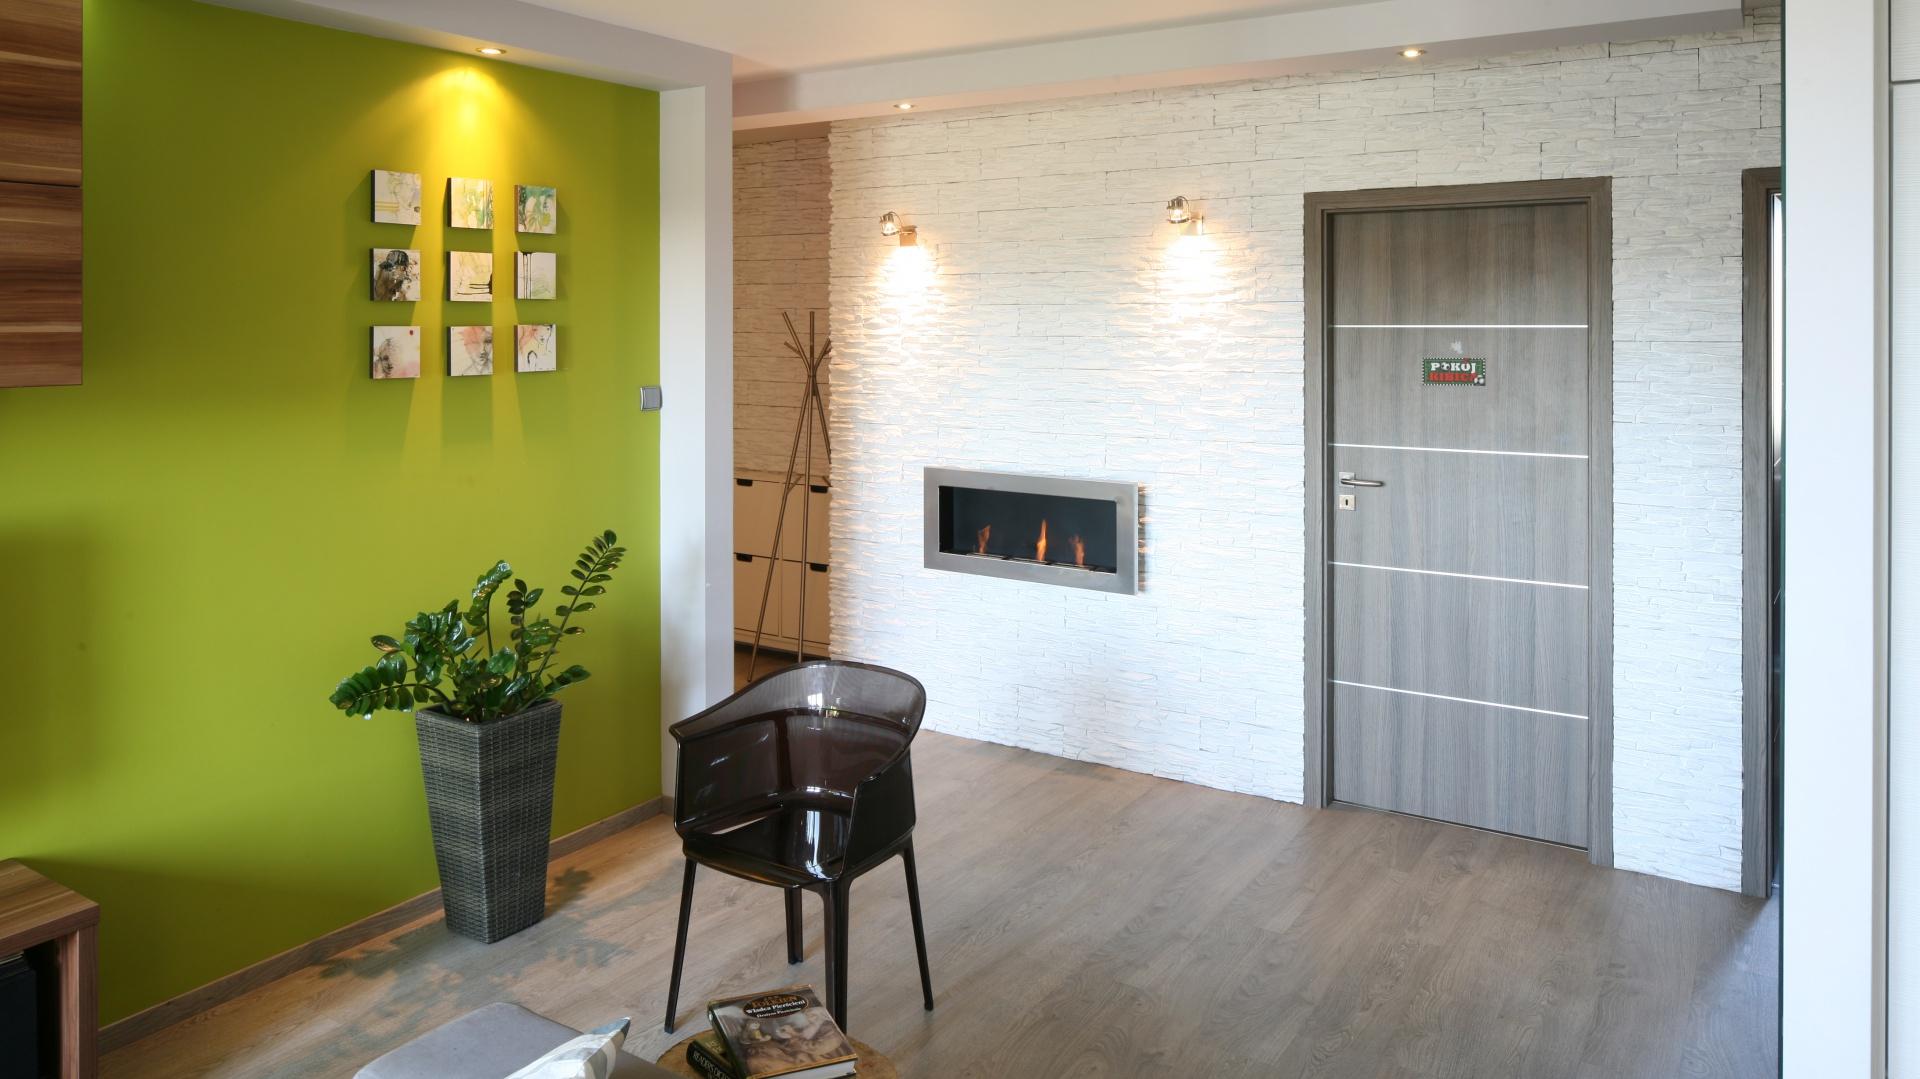 W niewielkim mieszkaniu strefa wejścia przybrała salonowy charakter. Świadczy o tym udekorowana kamieniem ściana oraz elegancki biokominek. Projekt: Arkadiusz Grzędzicki. Fot. Bartosz Jarosz.